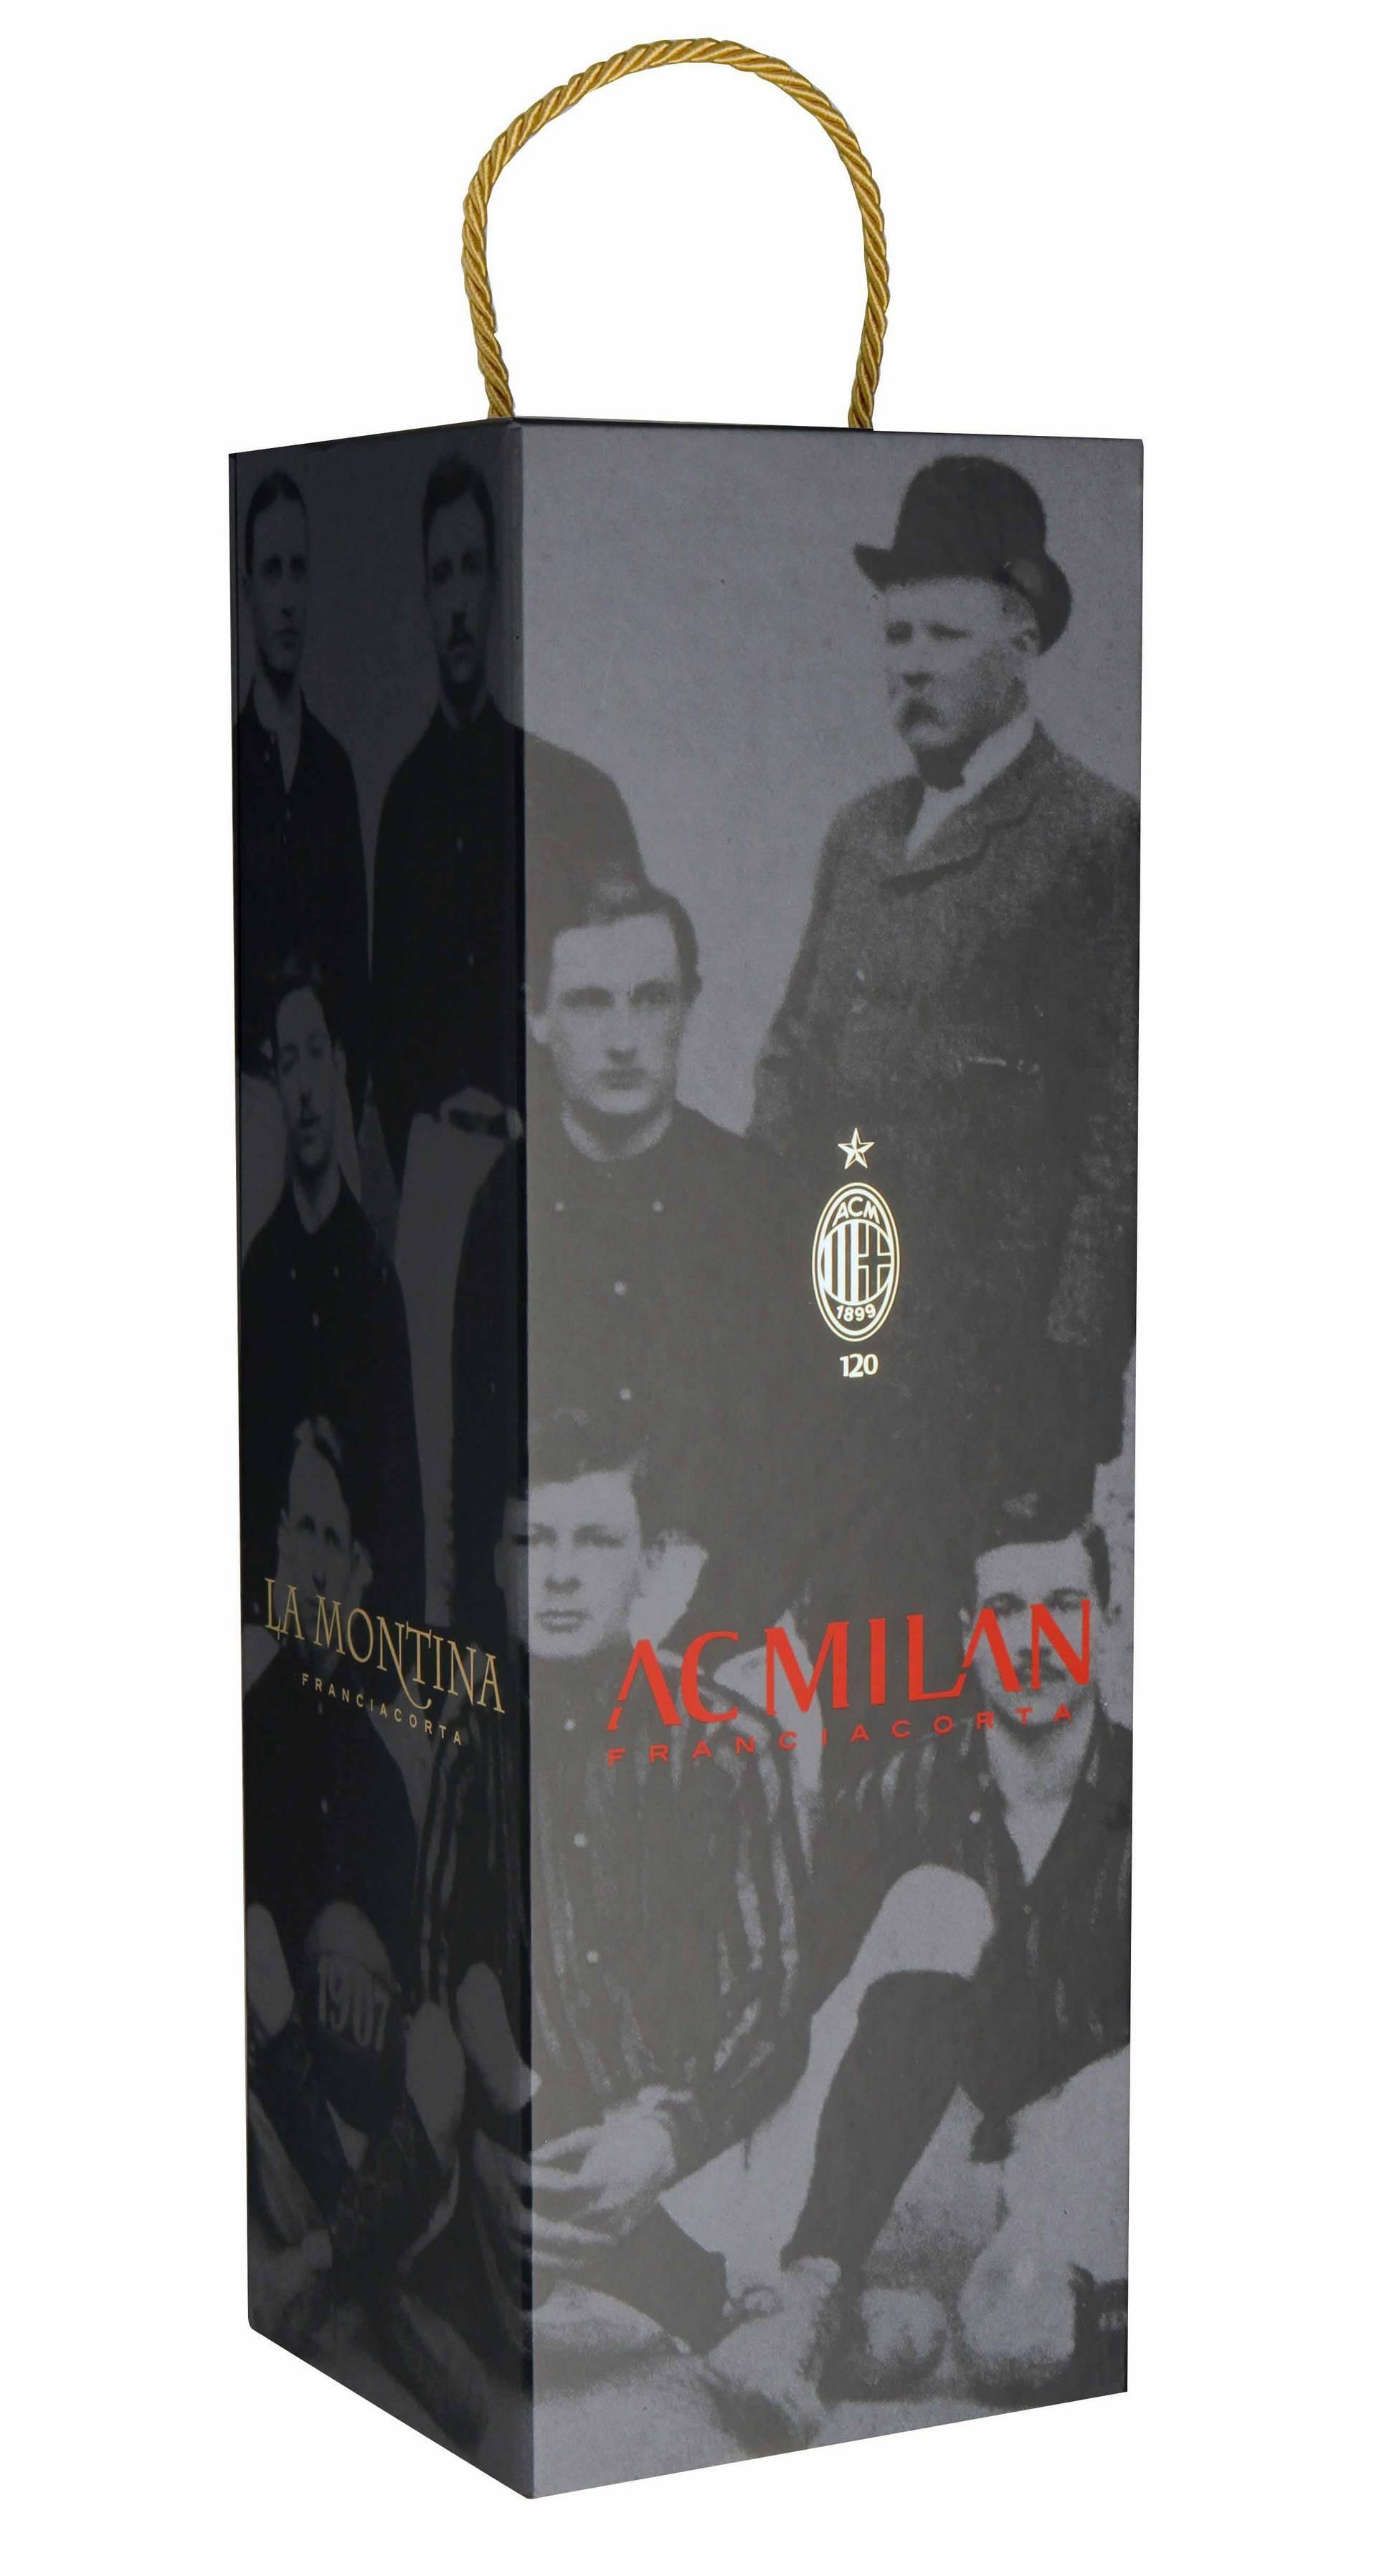 Magnum Franciacorta RossoNero anniversario 120° Ac Milan